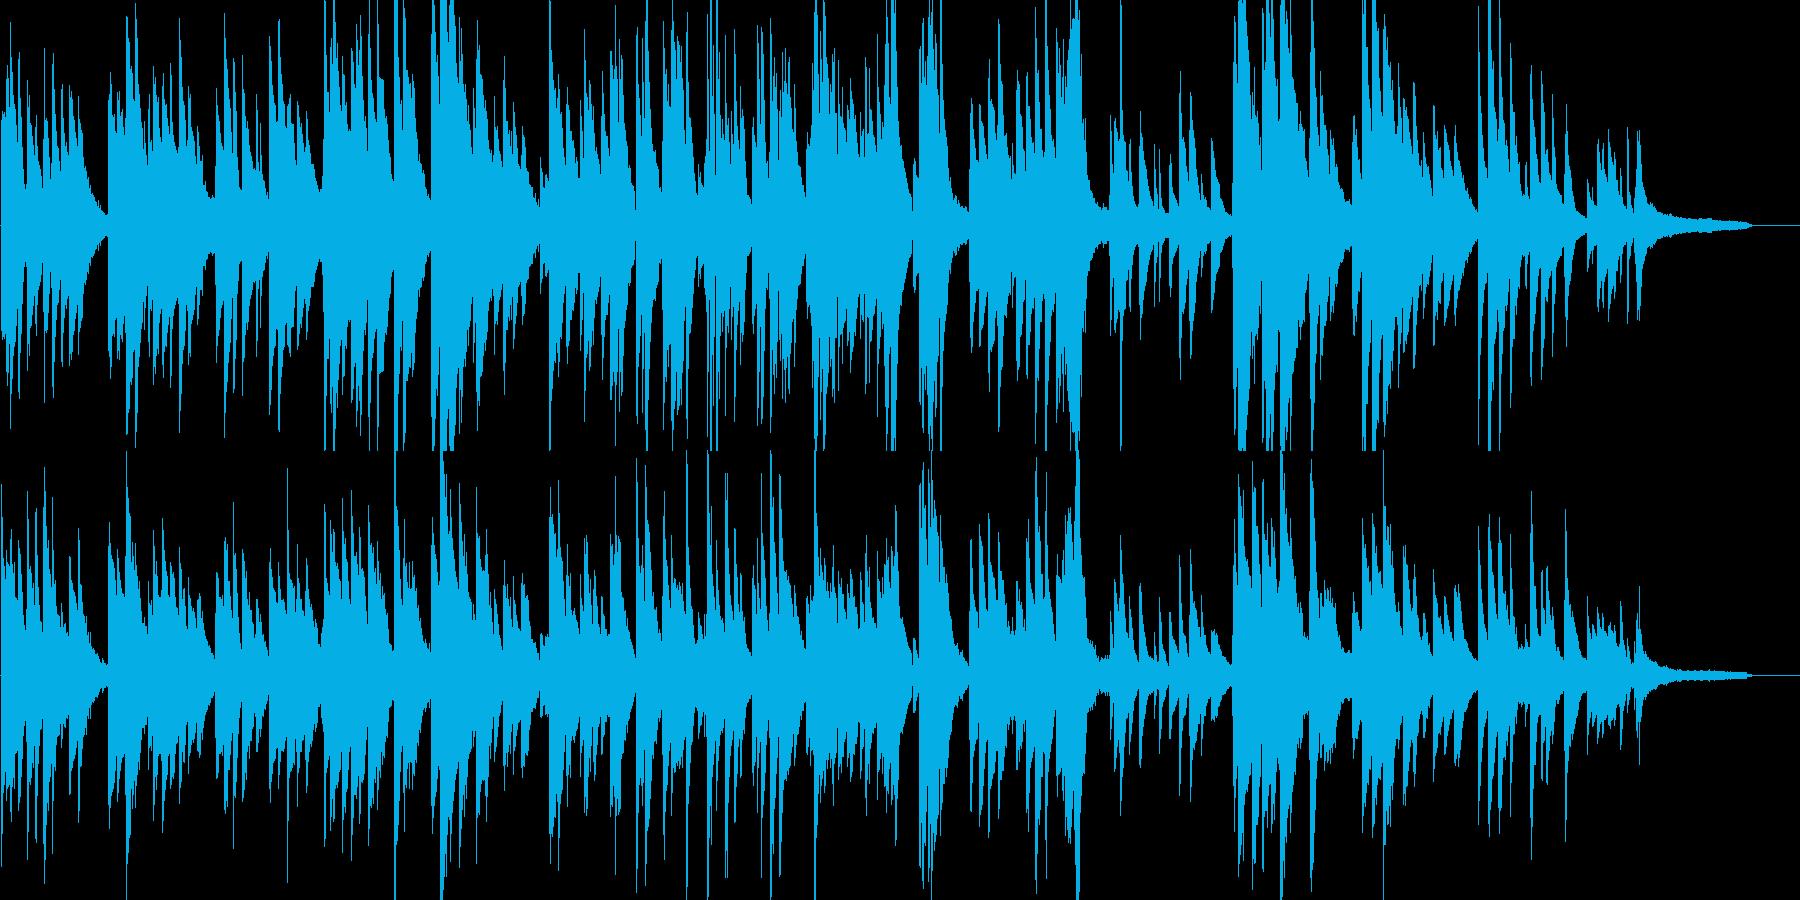 ジャズピアノアレンジの童謡、「故郷」の再生済みの波形